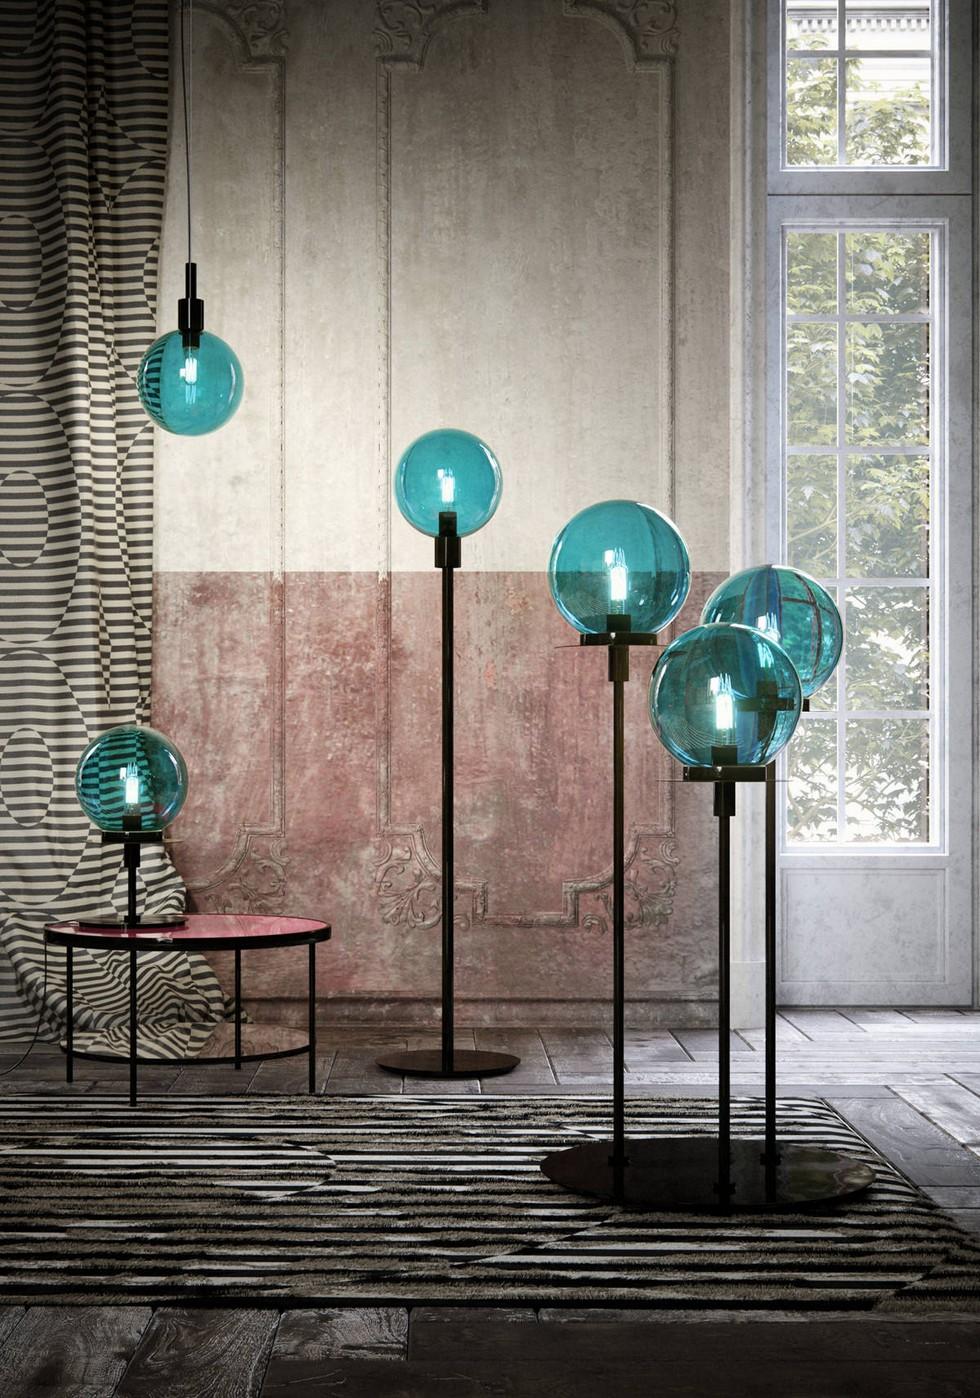 Maison Giopagani lamps ideas best milan showrooms Best Milan showrooms to visit today – Atelier Maison Giopagani Best Milan showrooms to visit today Atelier Maison Giopagani 9